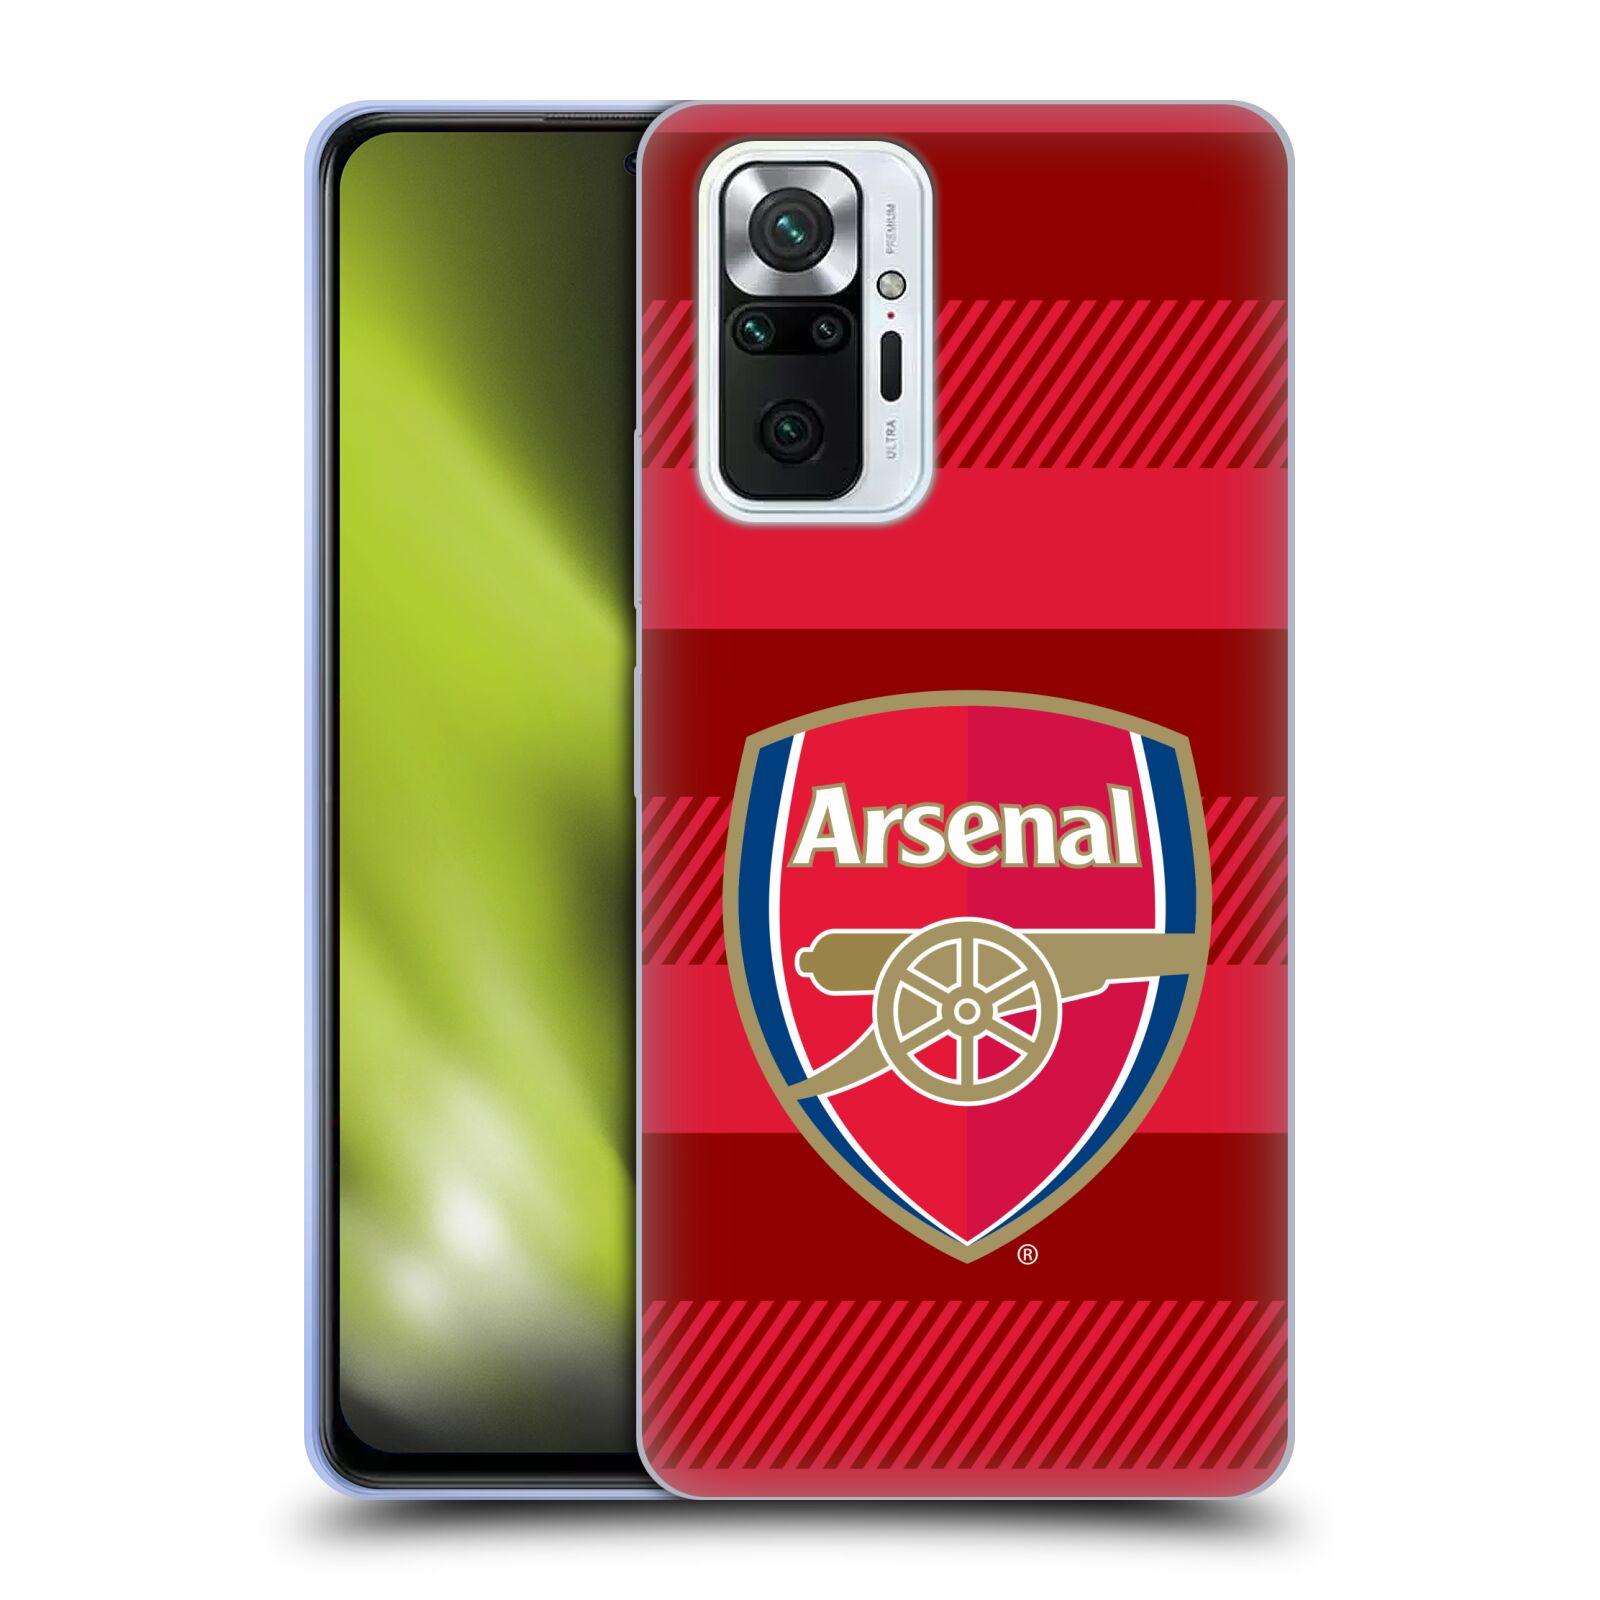 Silikonové pouzdro na mobil Xiaomi Redmi Note 10 Pro - Head Case - Arsenal FC - Logo s pruhy